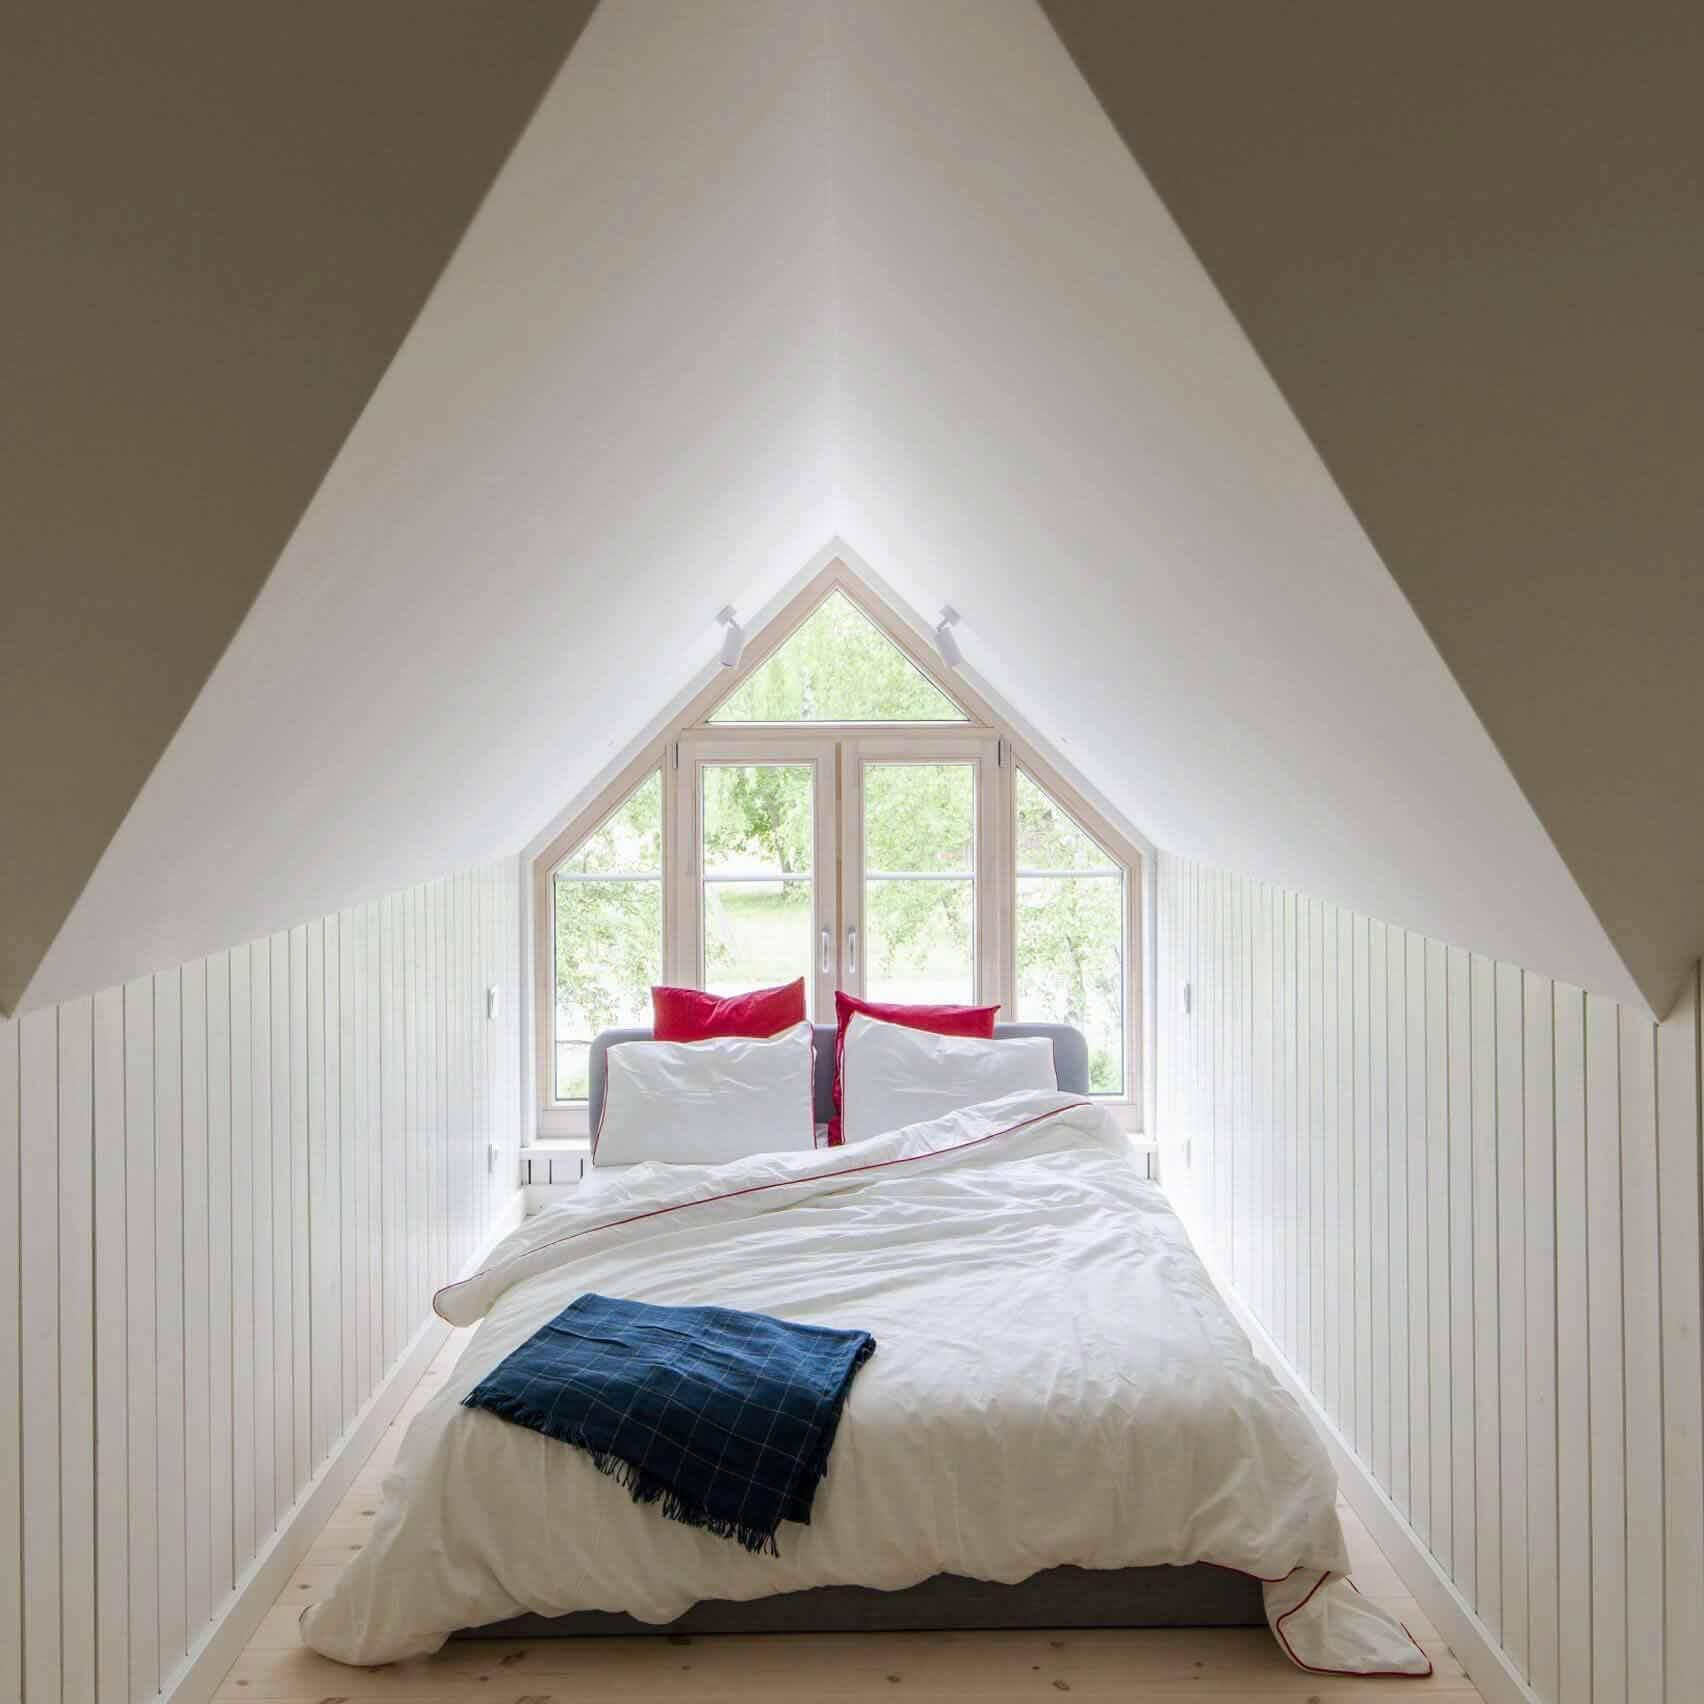 Šilta Šiauré облицовывает жилой дом из обожженной древесины